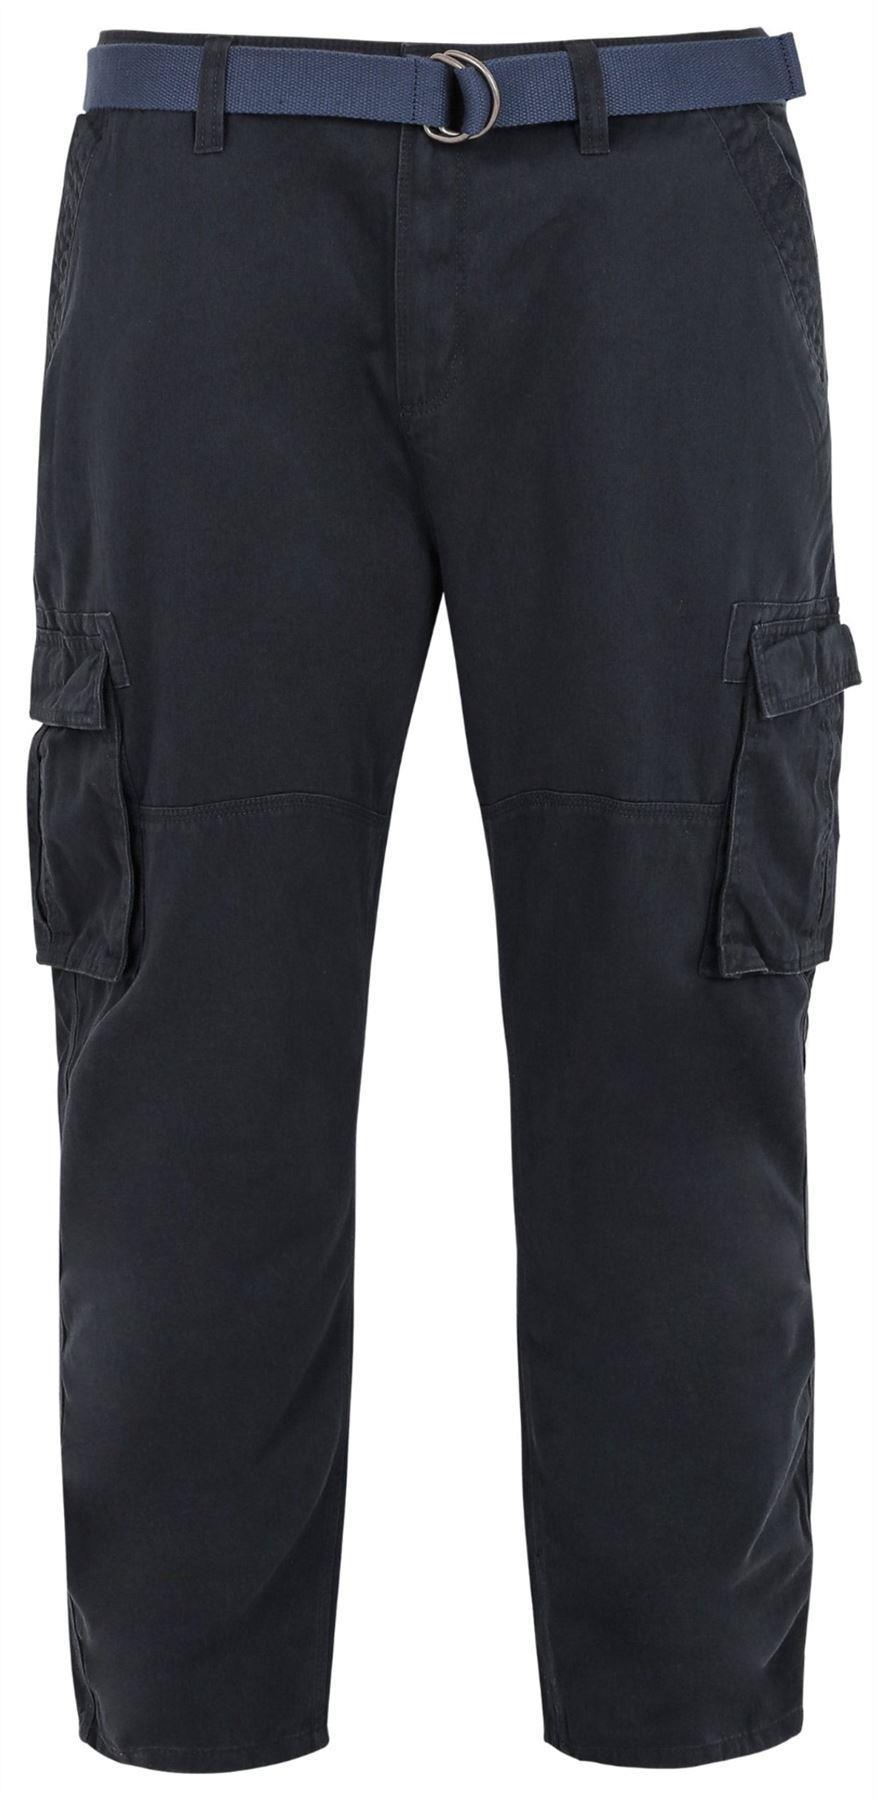 Bad Rhino Cargo Trousers - Navy|44W30L